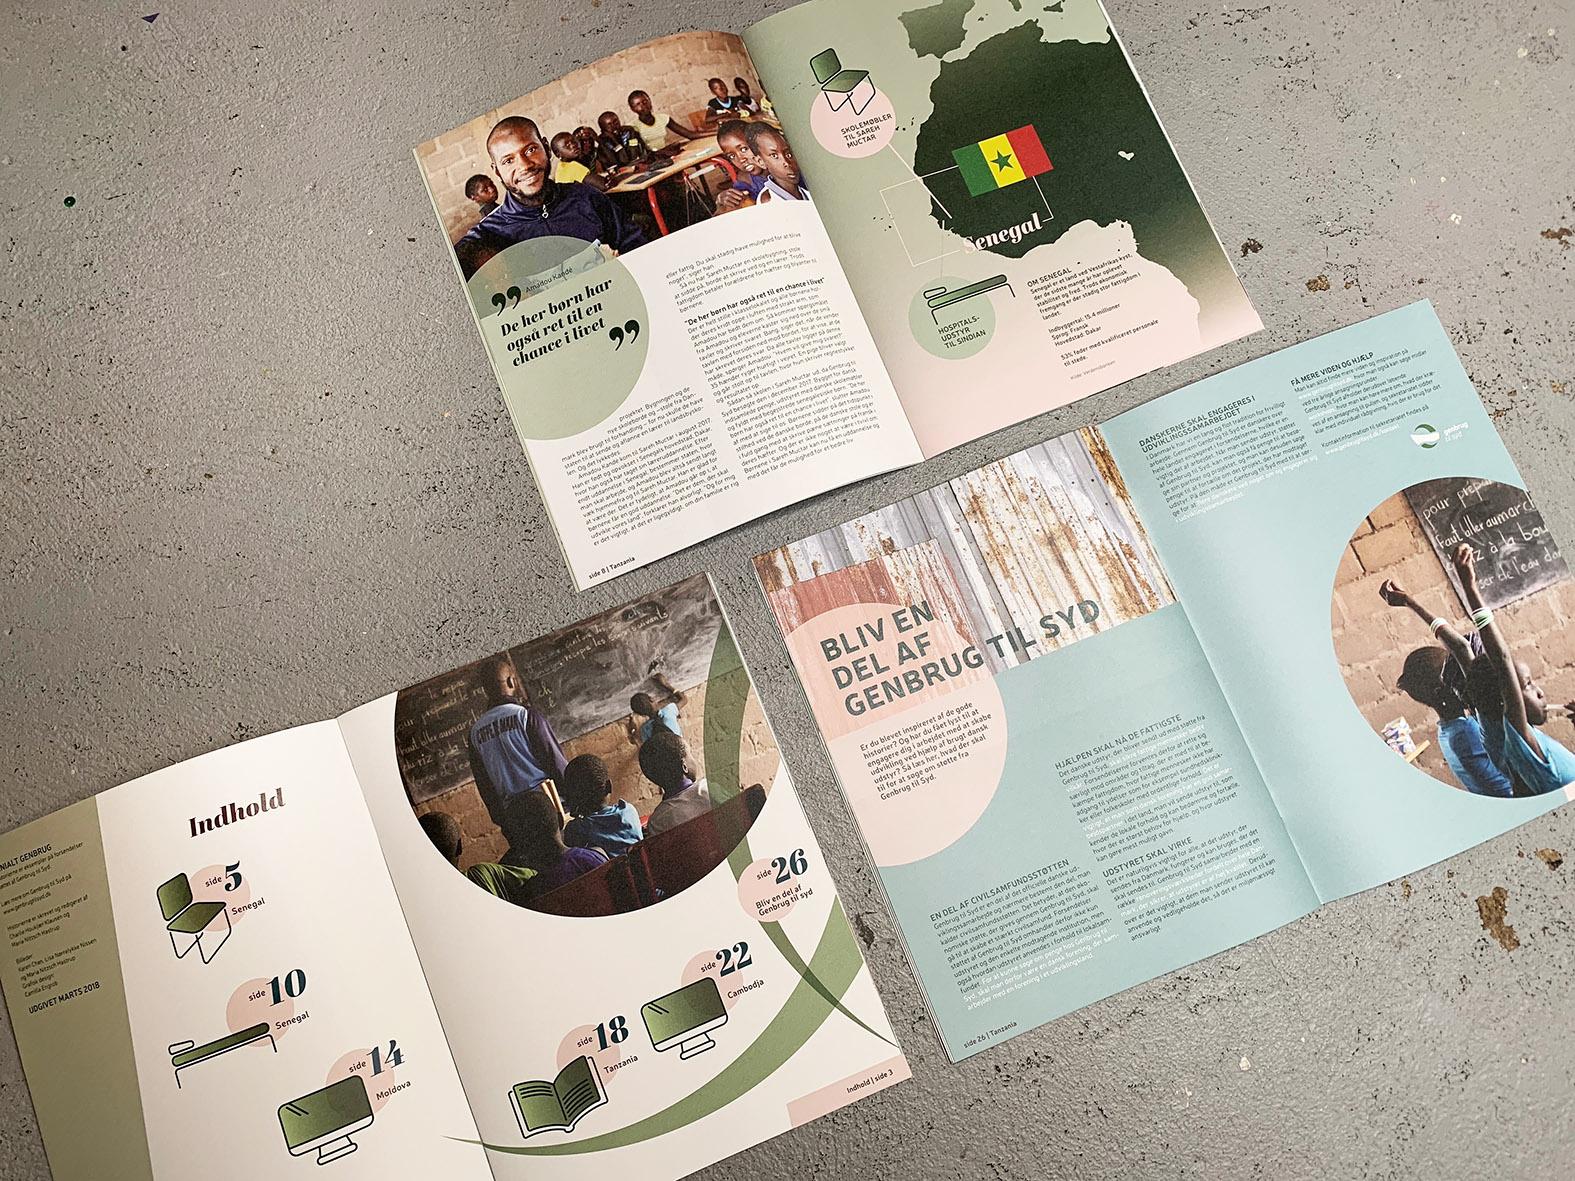 GTS_magasin_billede_grafisk design_piktogram